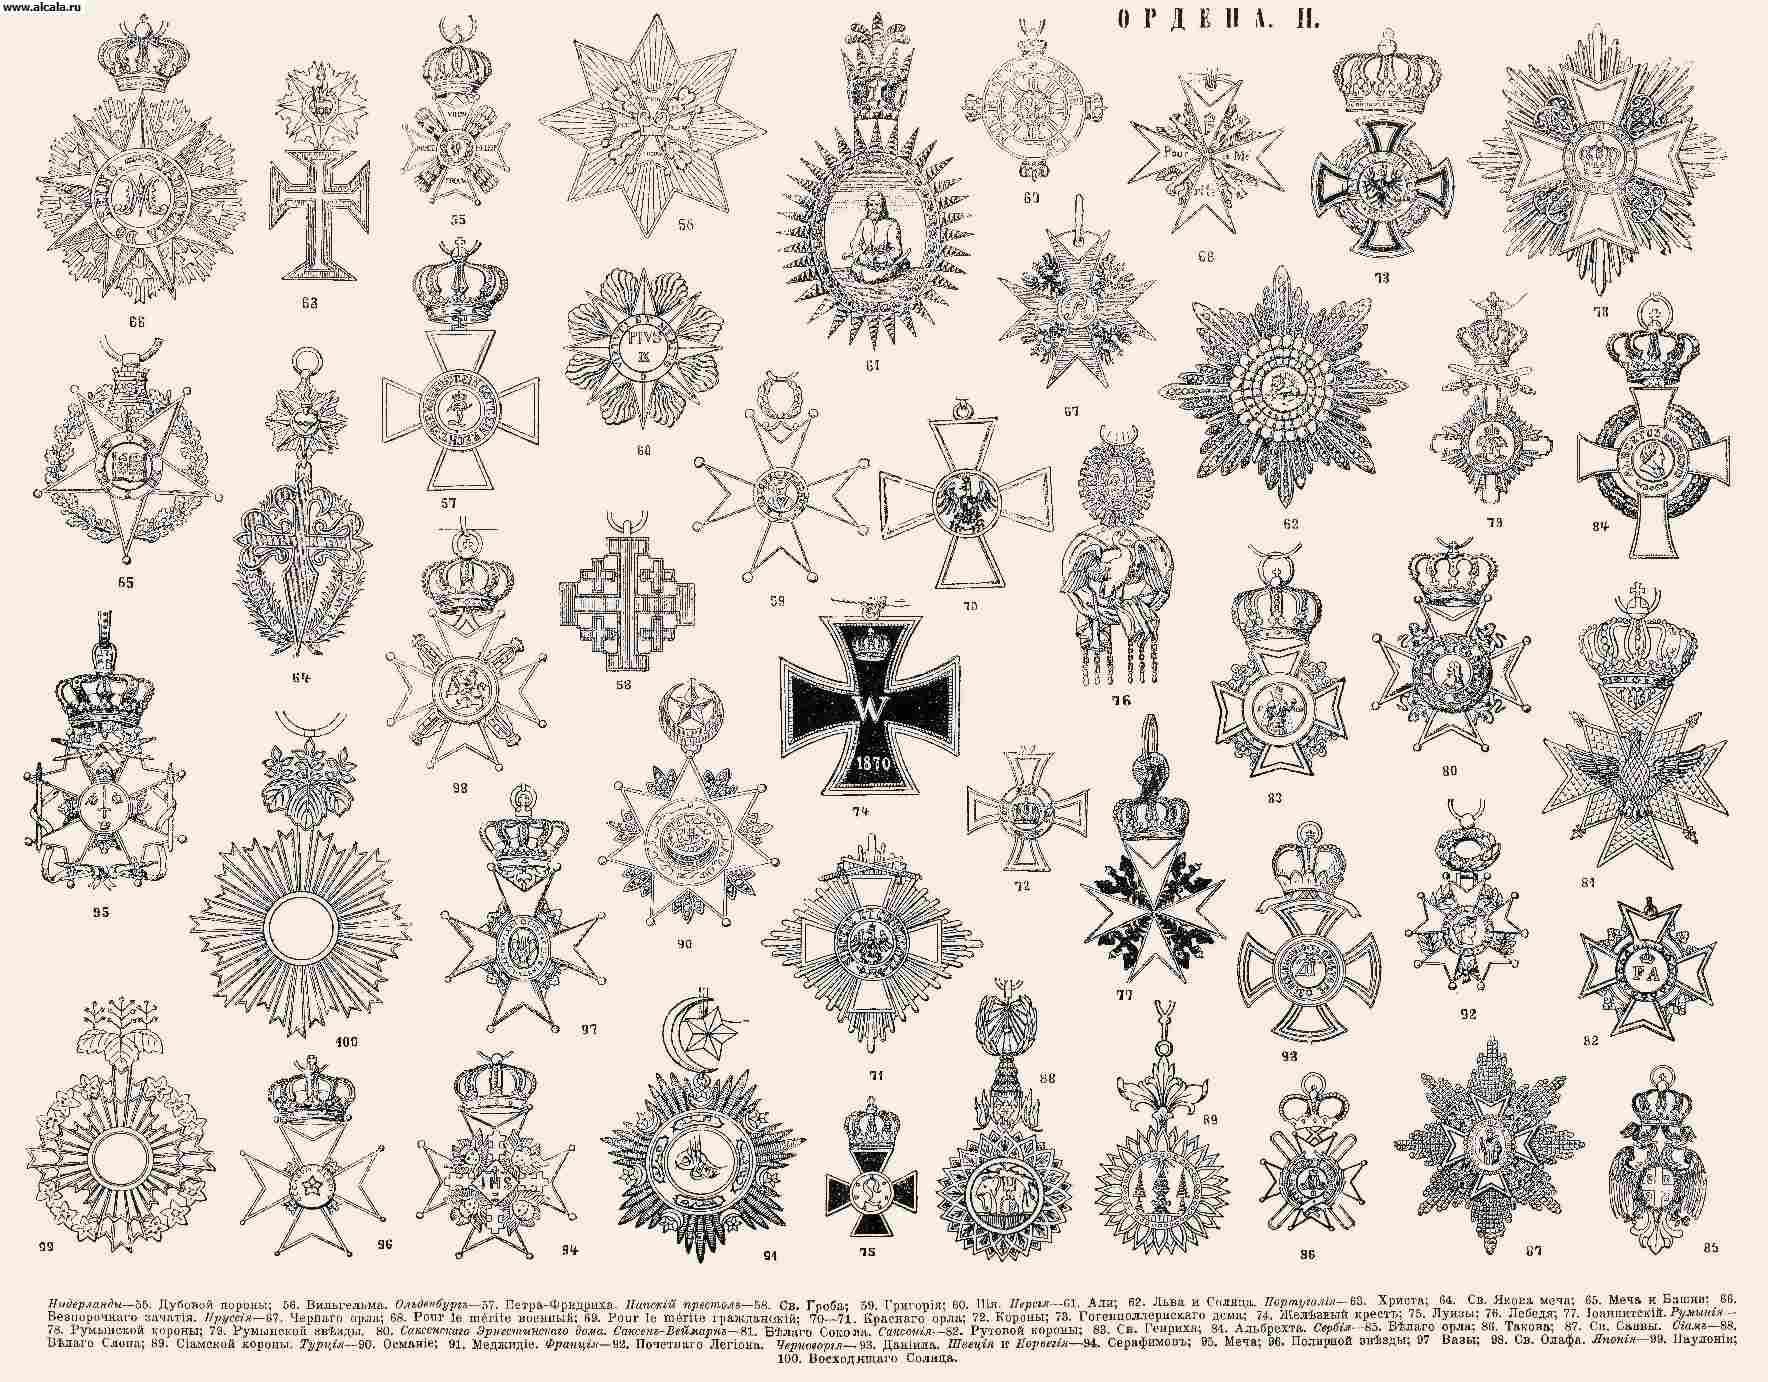 Орден. ОРДЕНА II